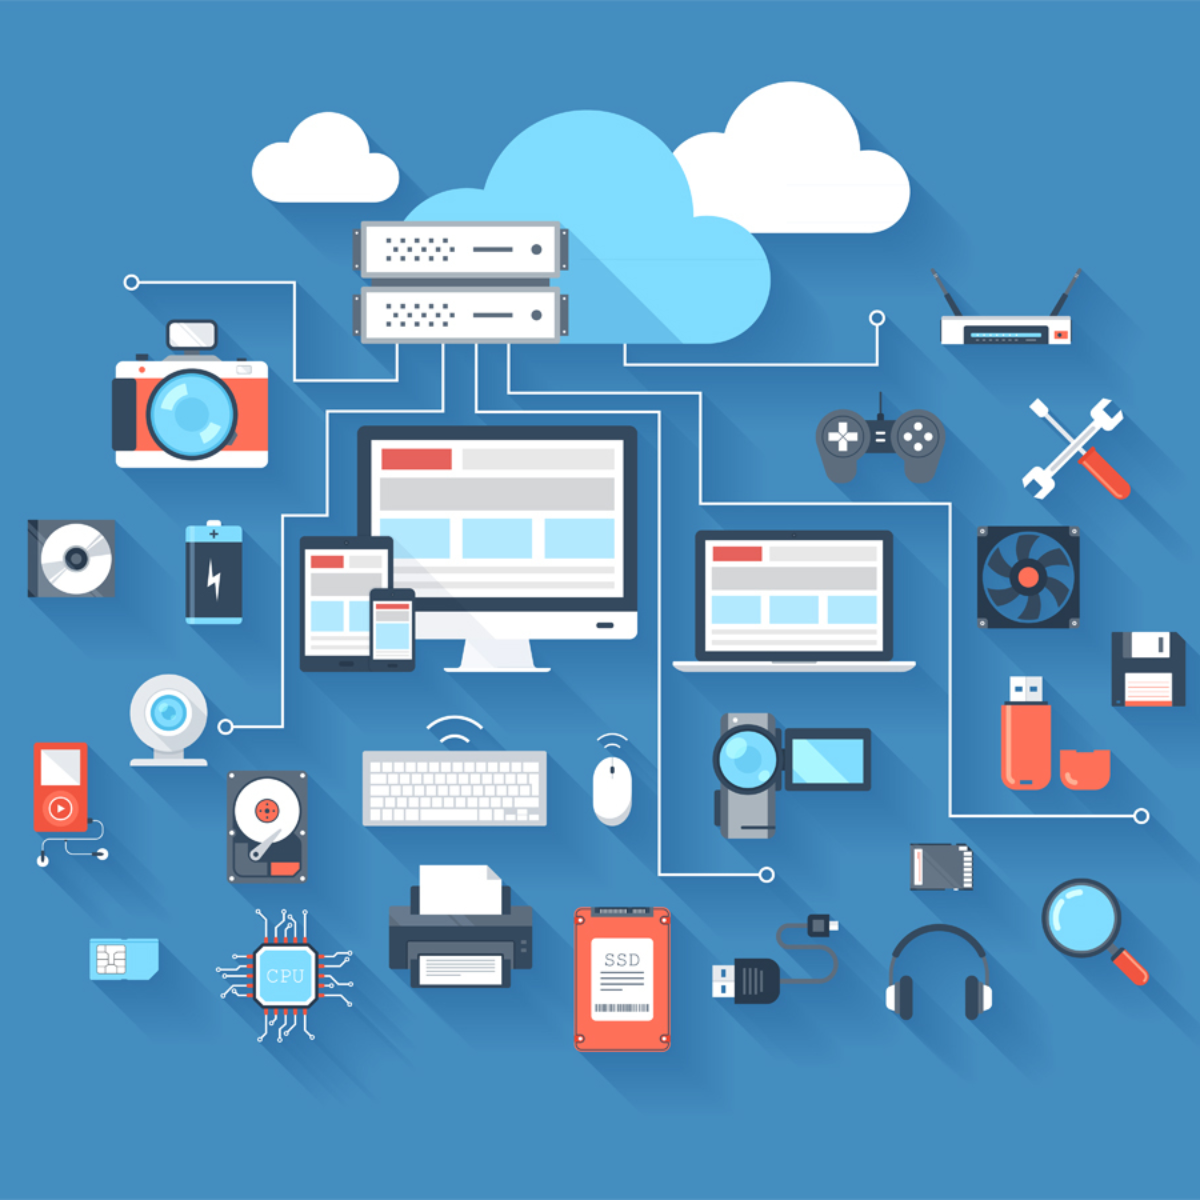 คอมพิวเตอร์และเทคโนโลยี/Hardware-หมวดหมู่-หน้าปก-อุ๊คบี